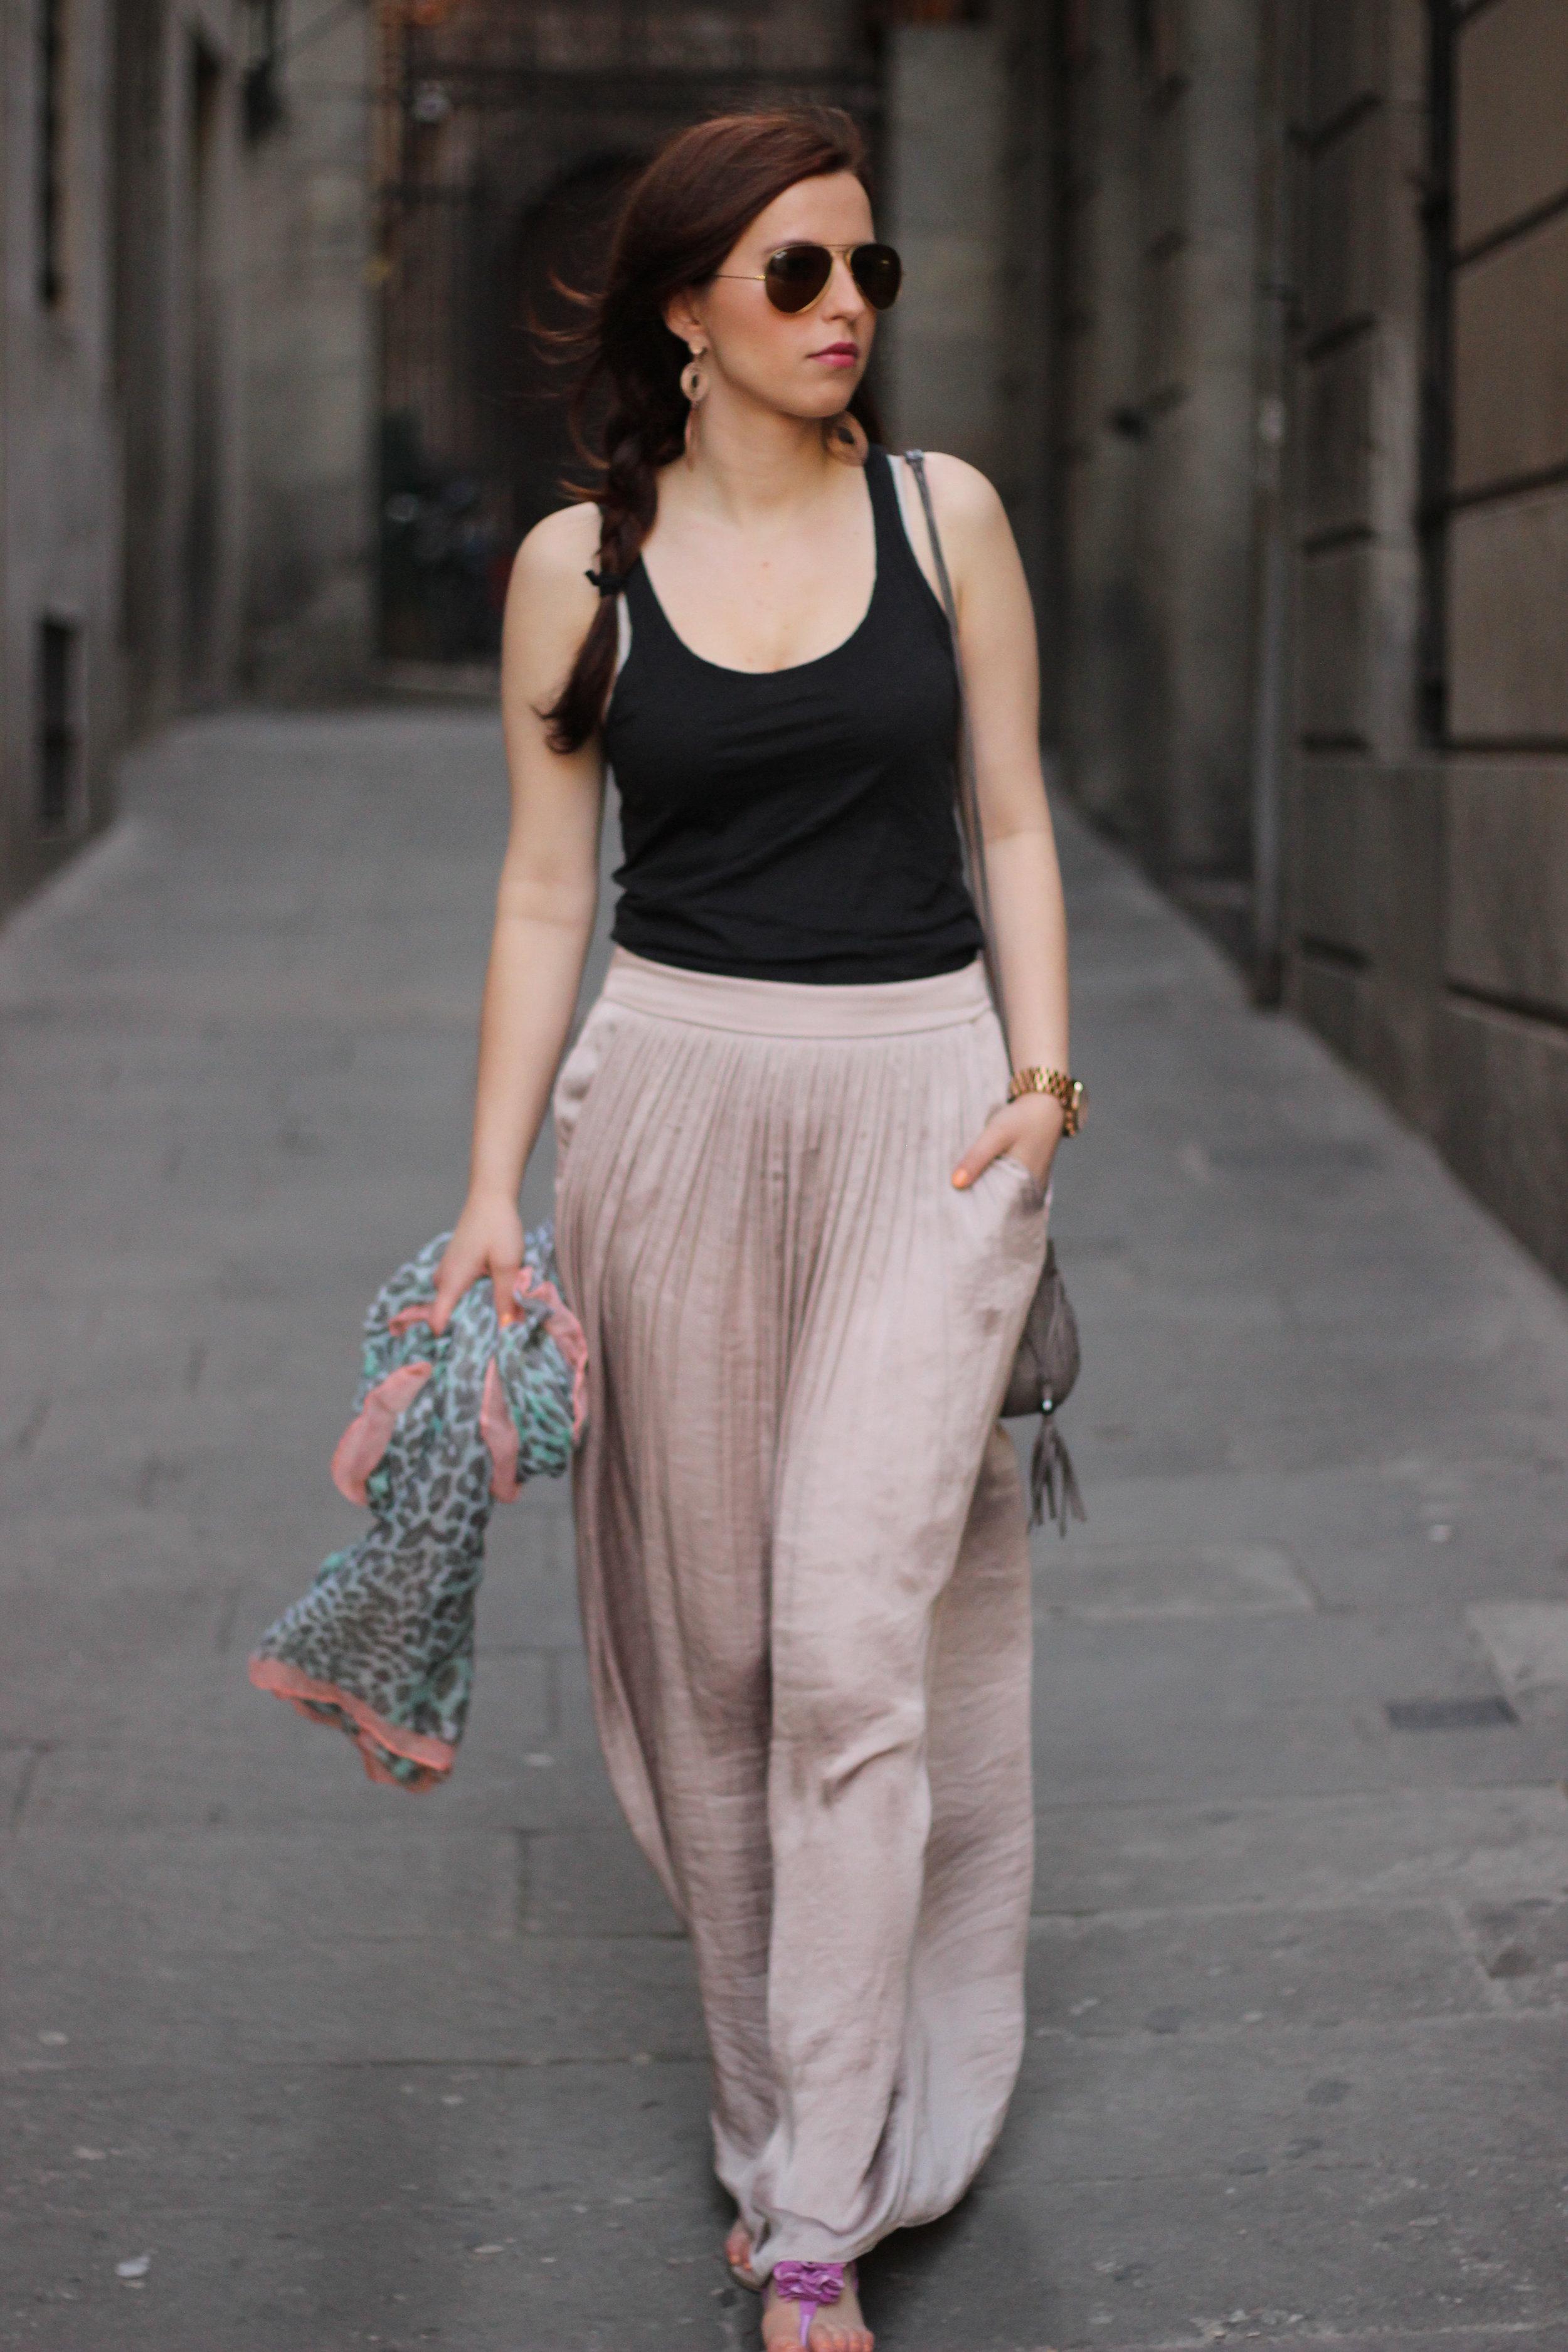 Barcelona Style